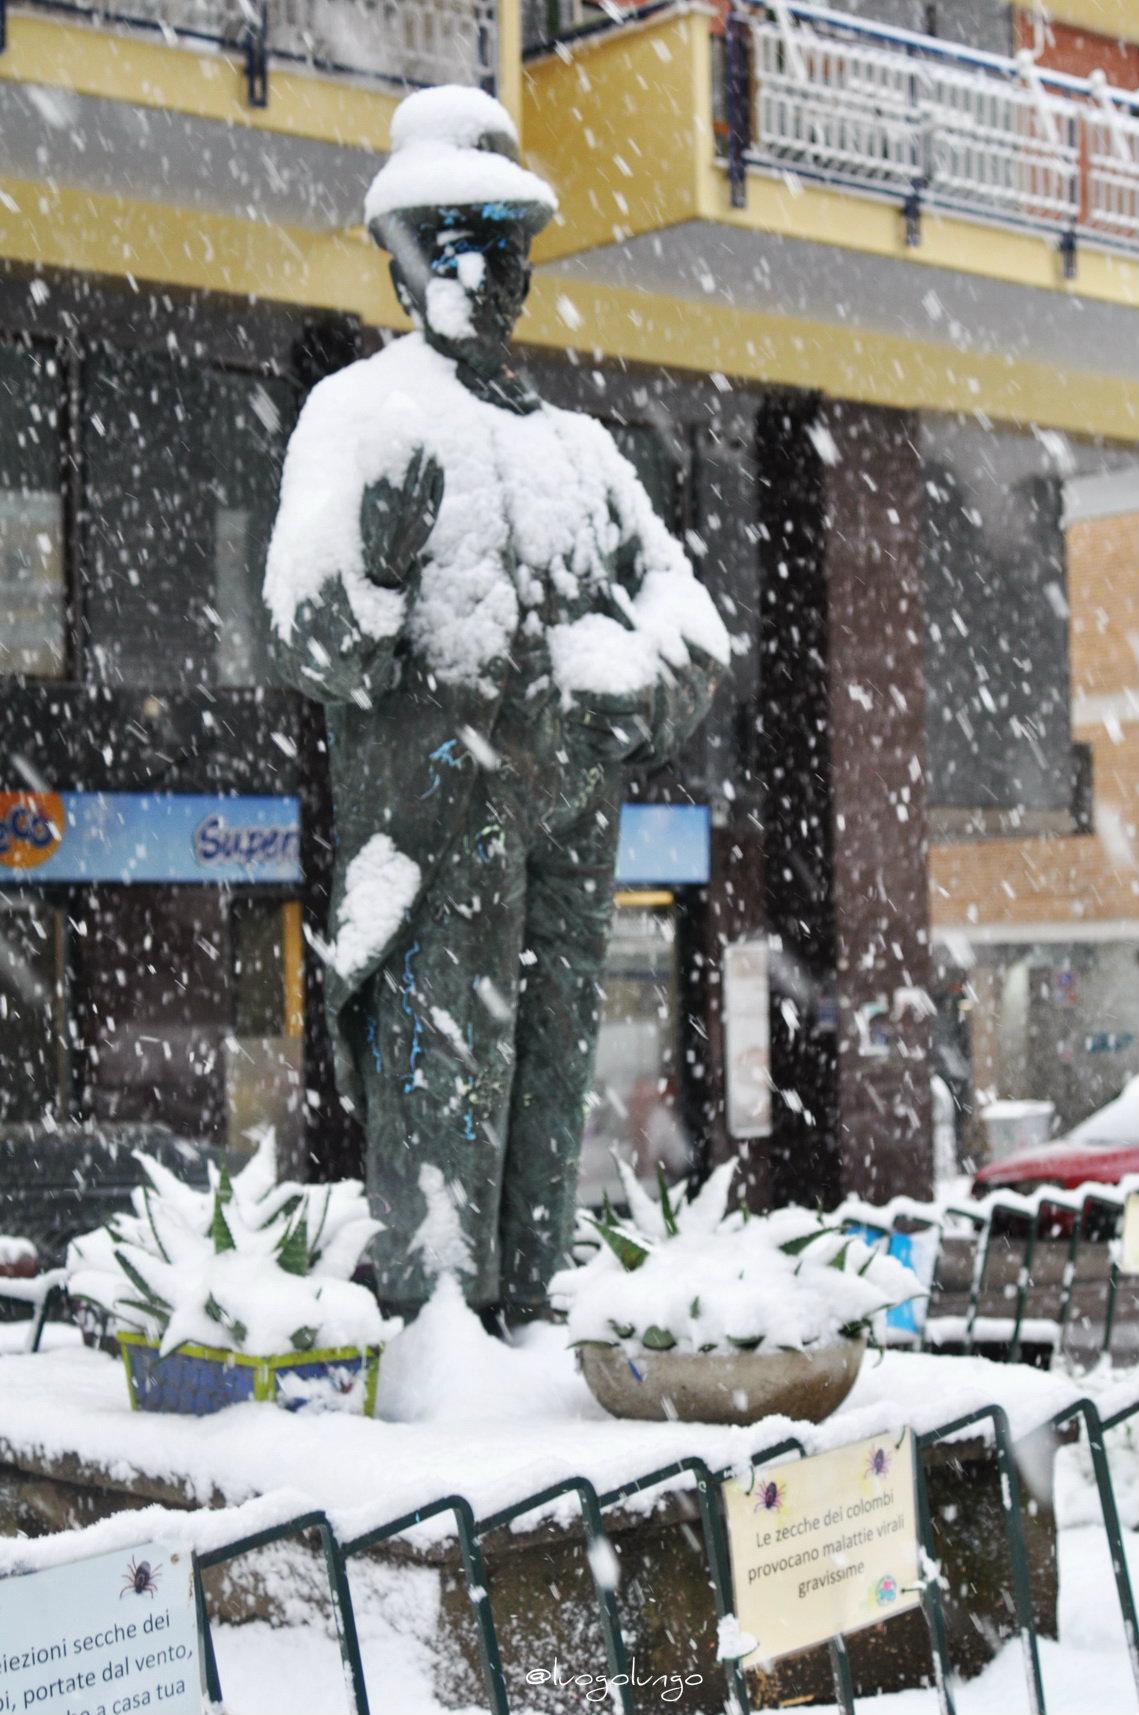 Statua Toto Rione Alto